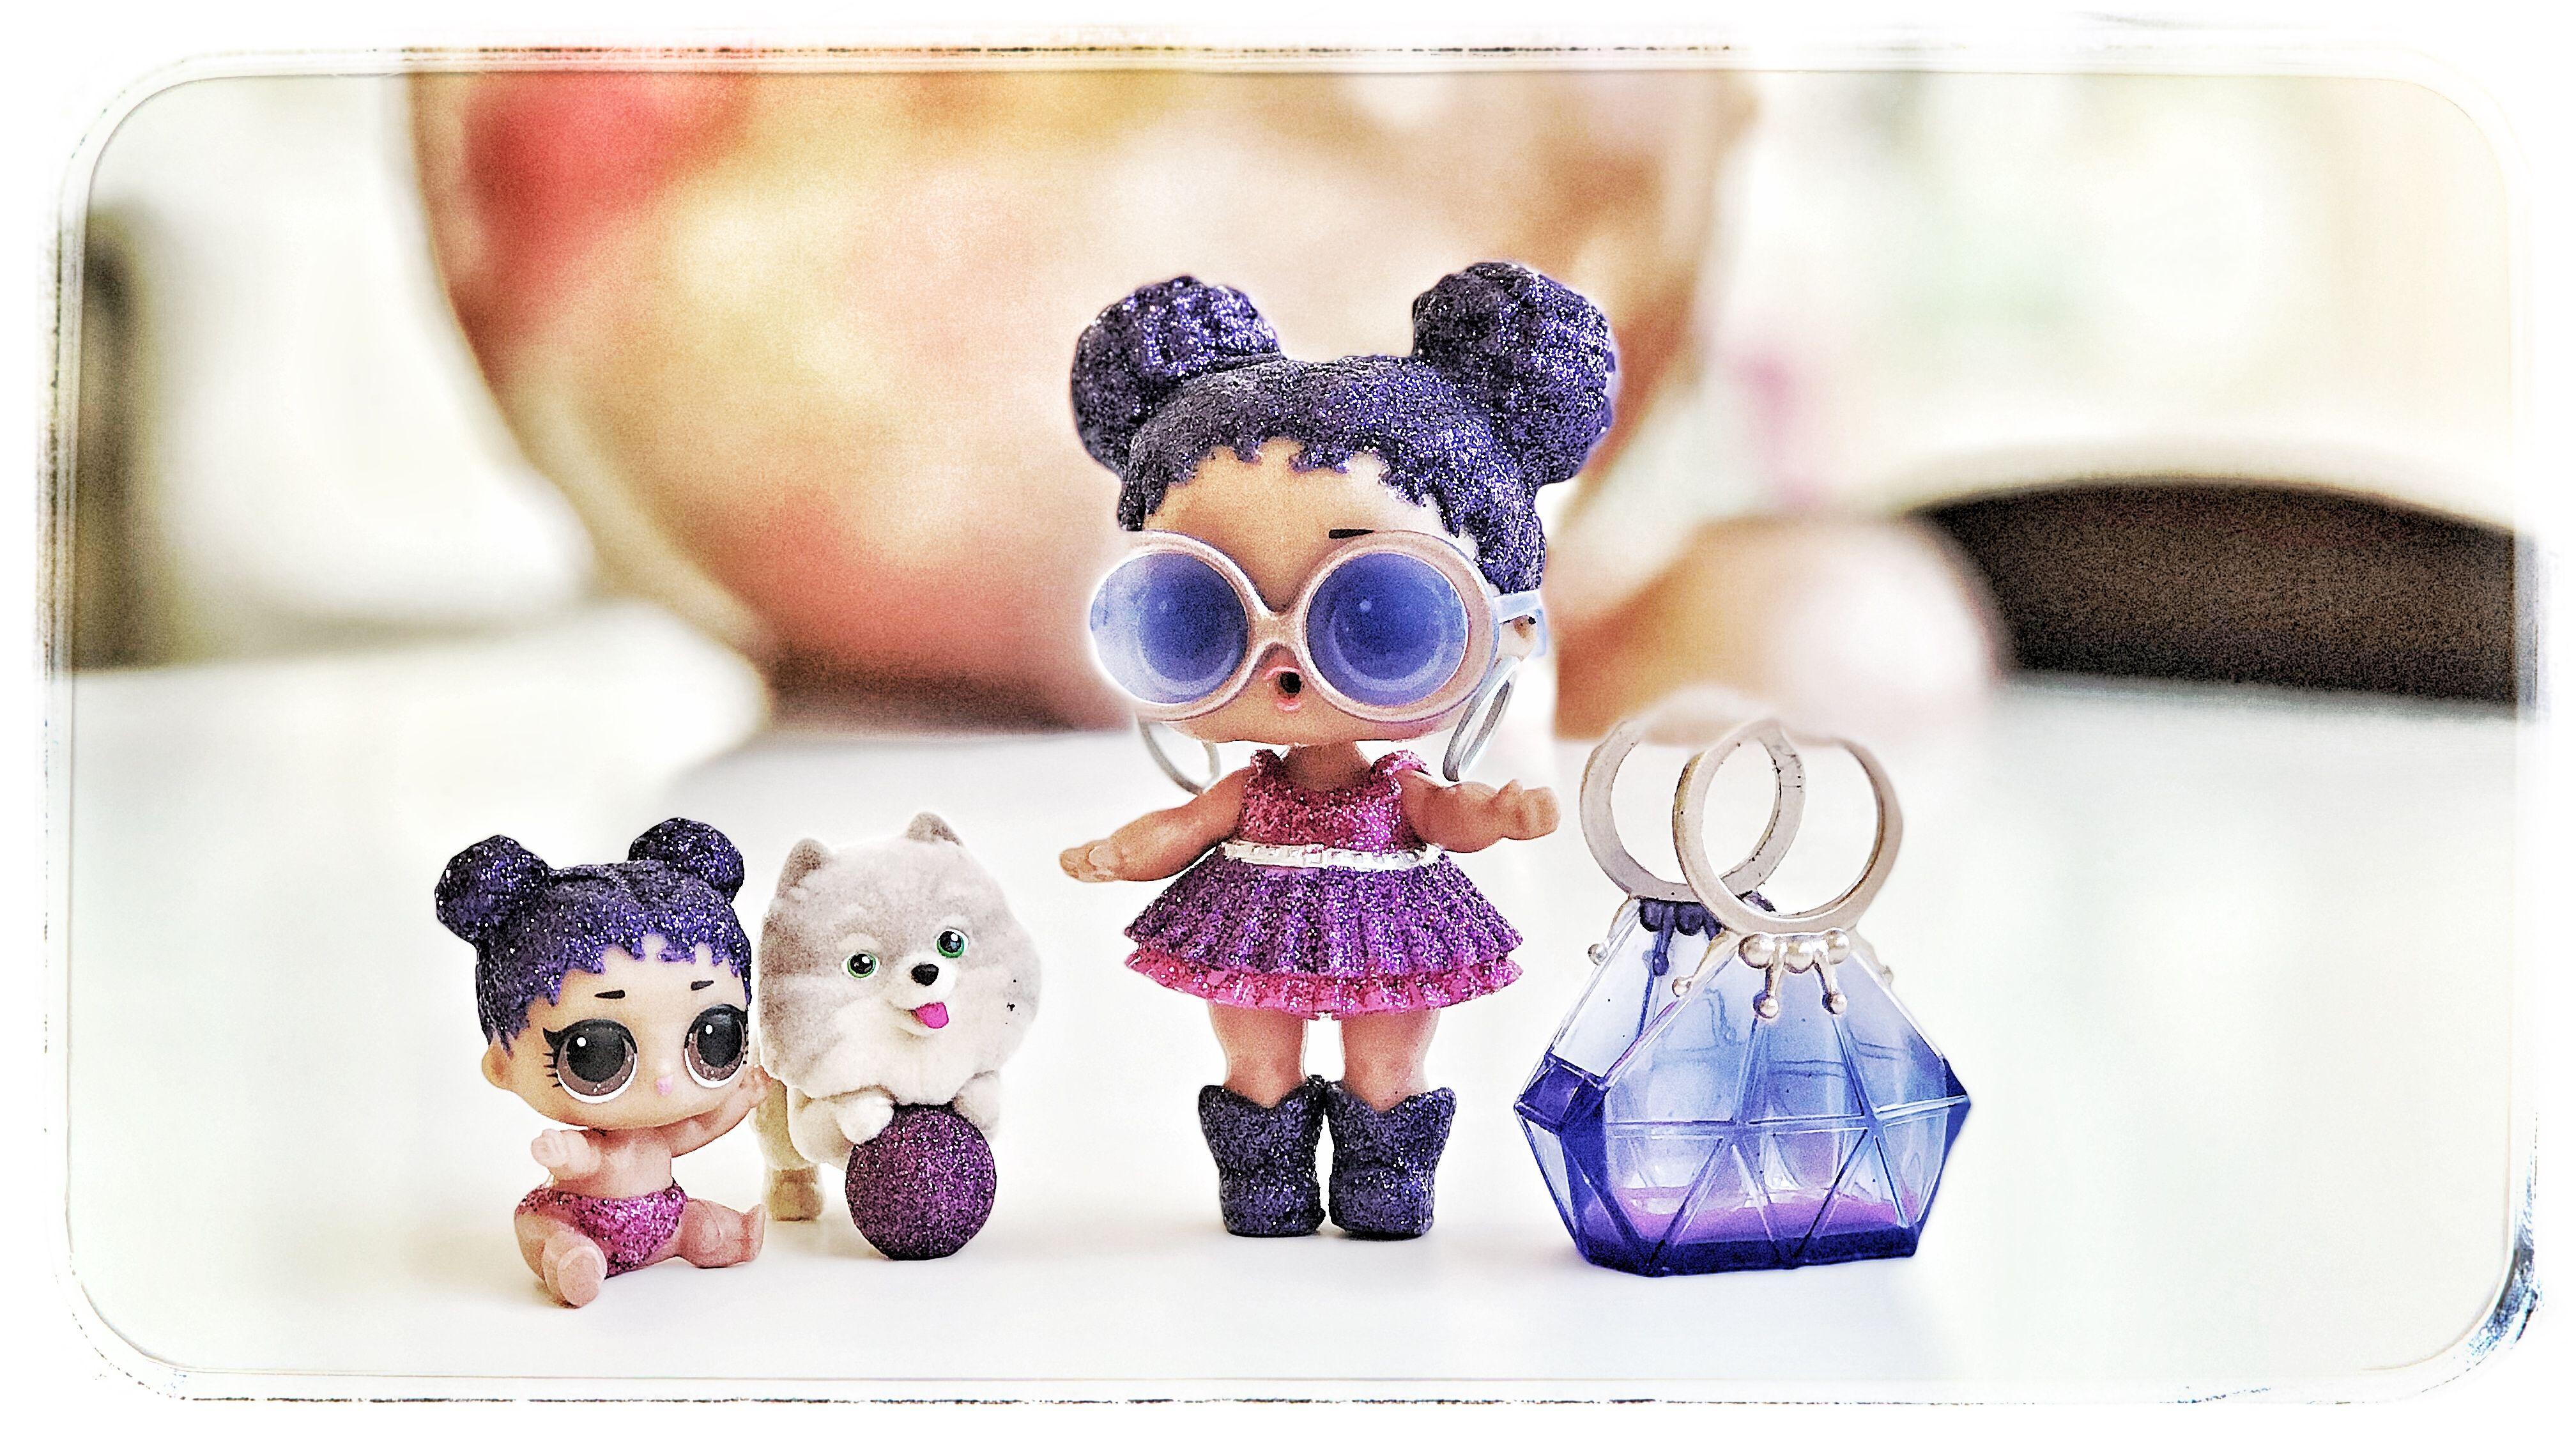 картинки на рабочий стол с куклами лол она добавила своему